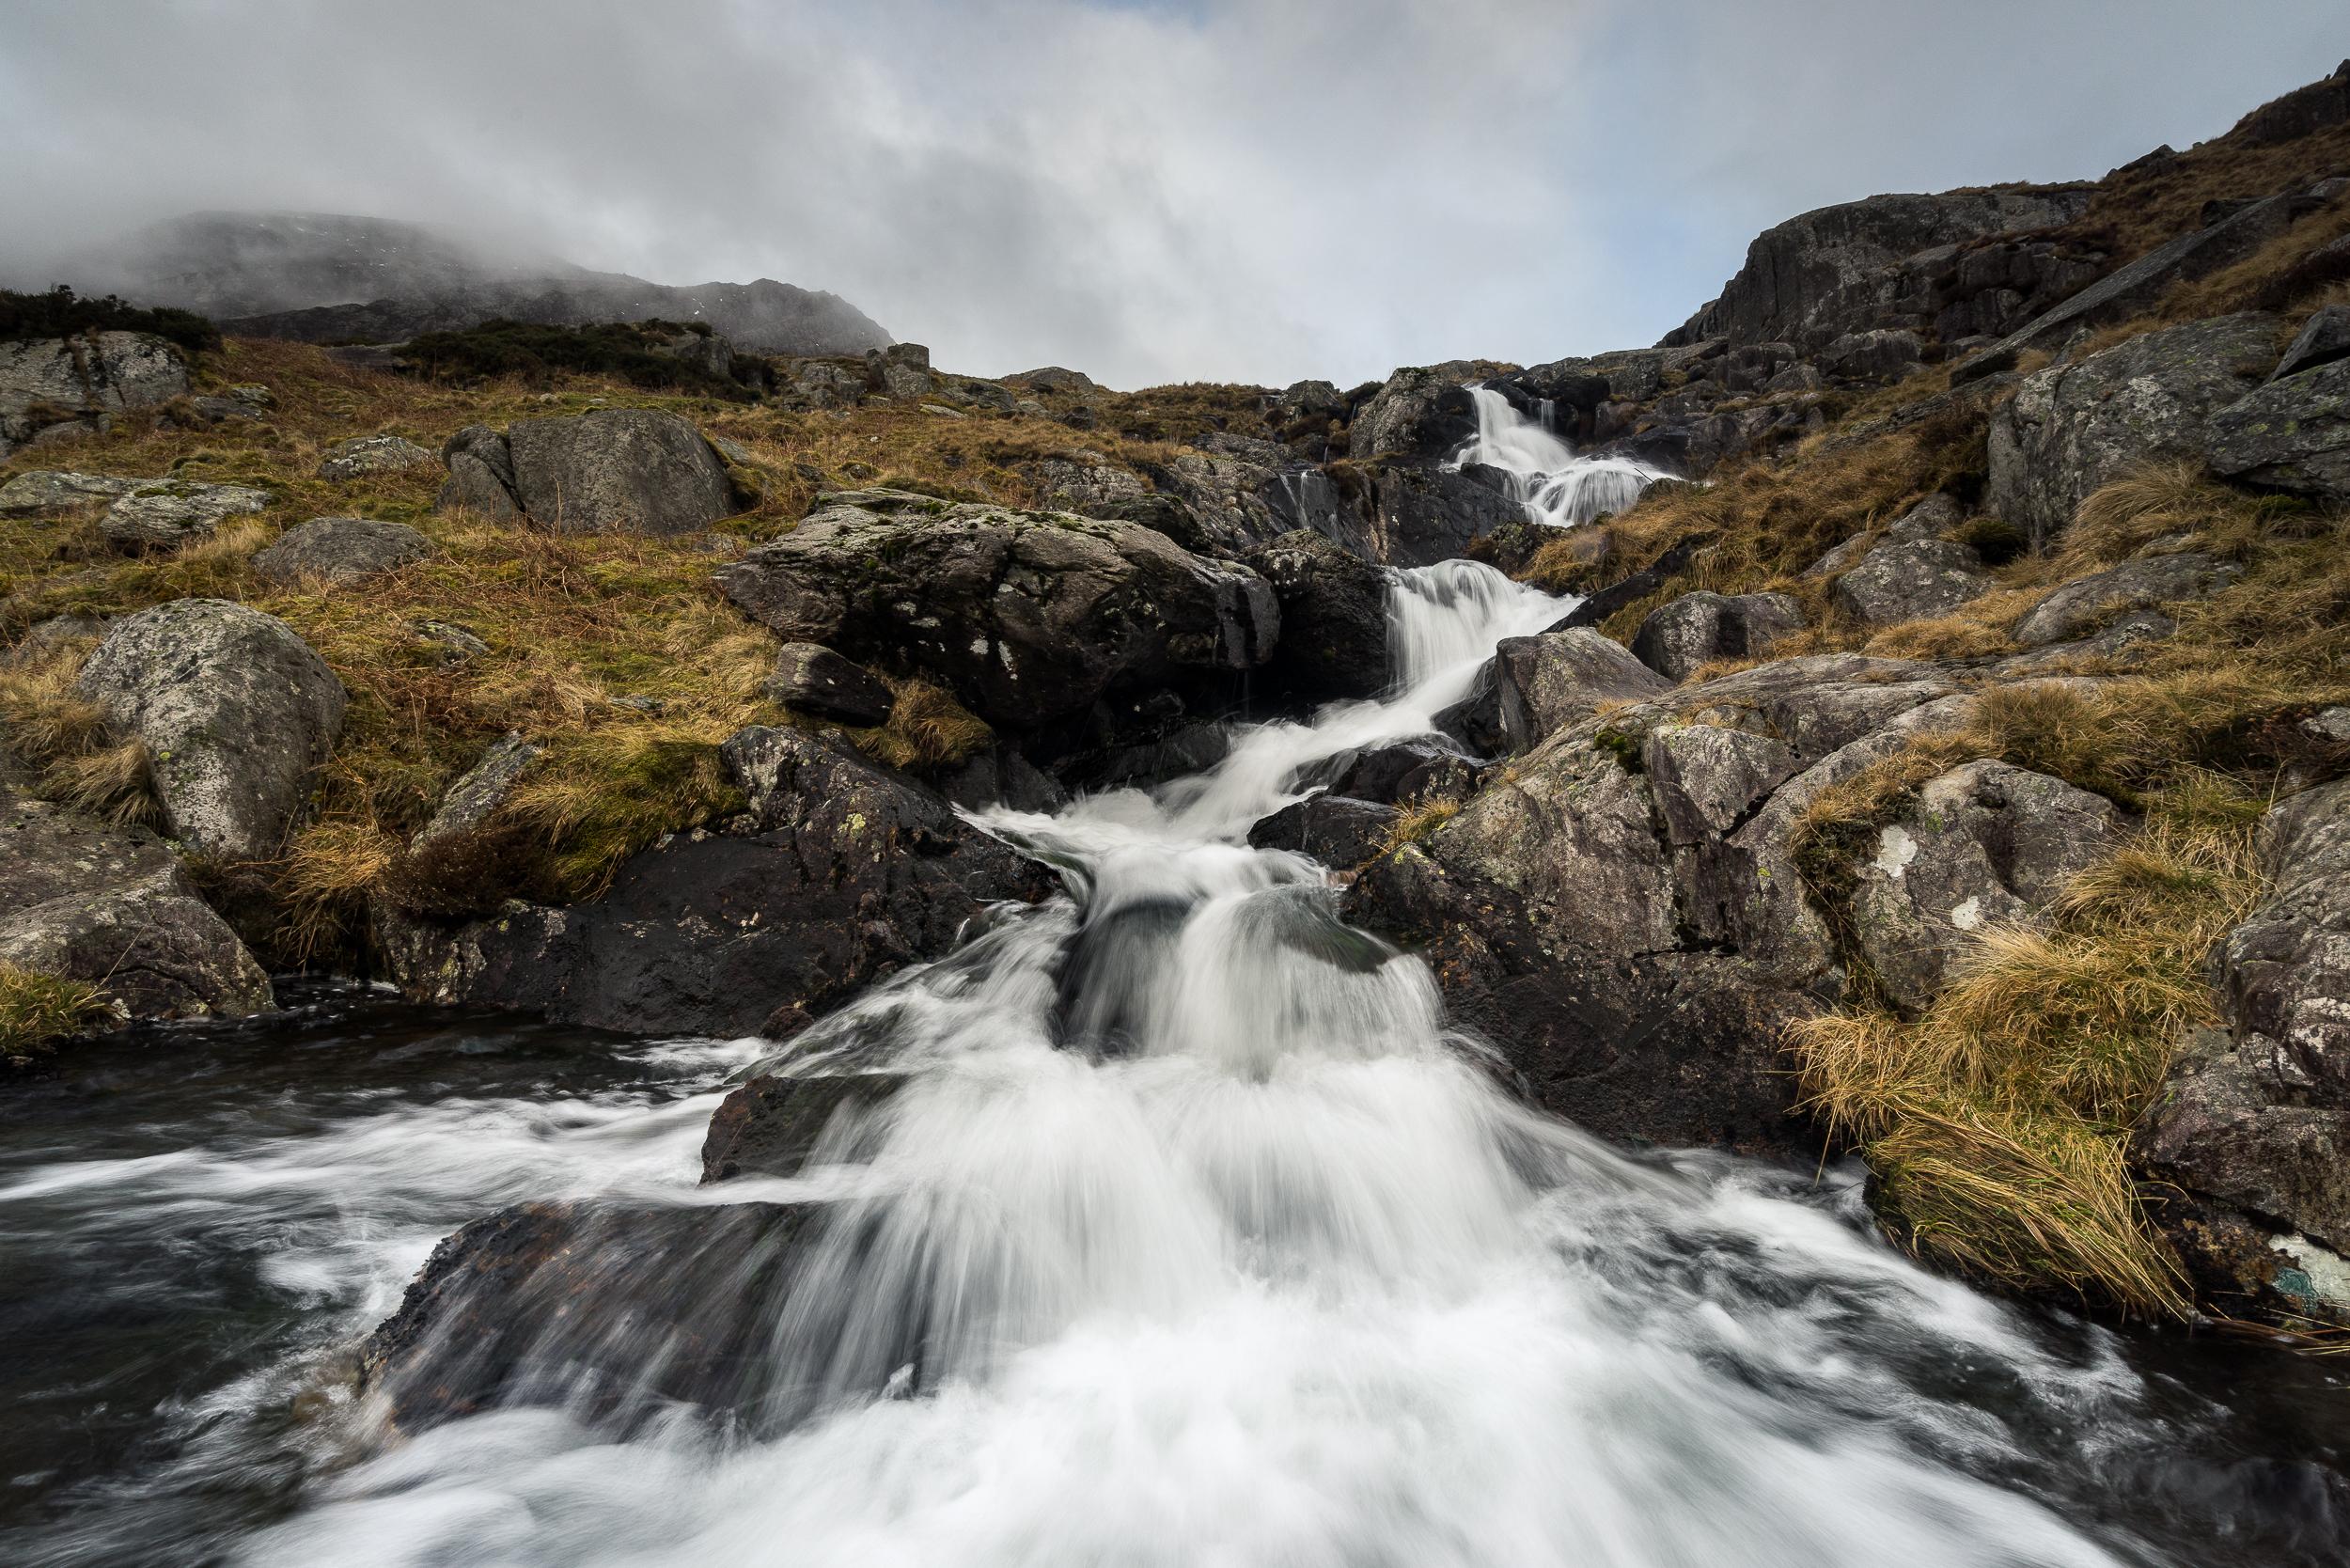 cwm lloer falls (1 of 1).jpg